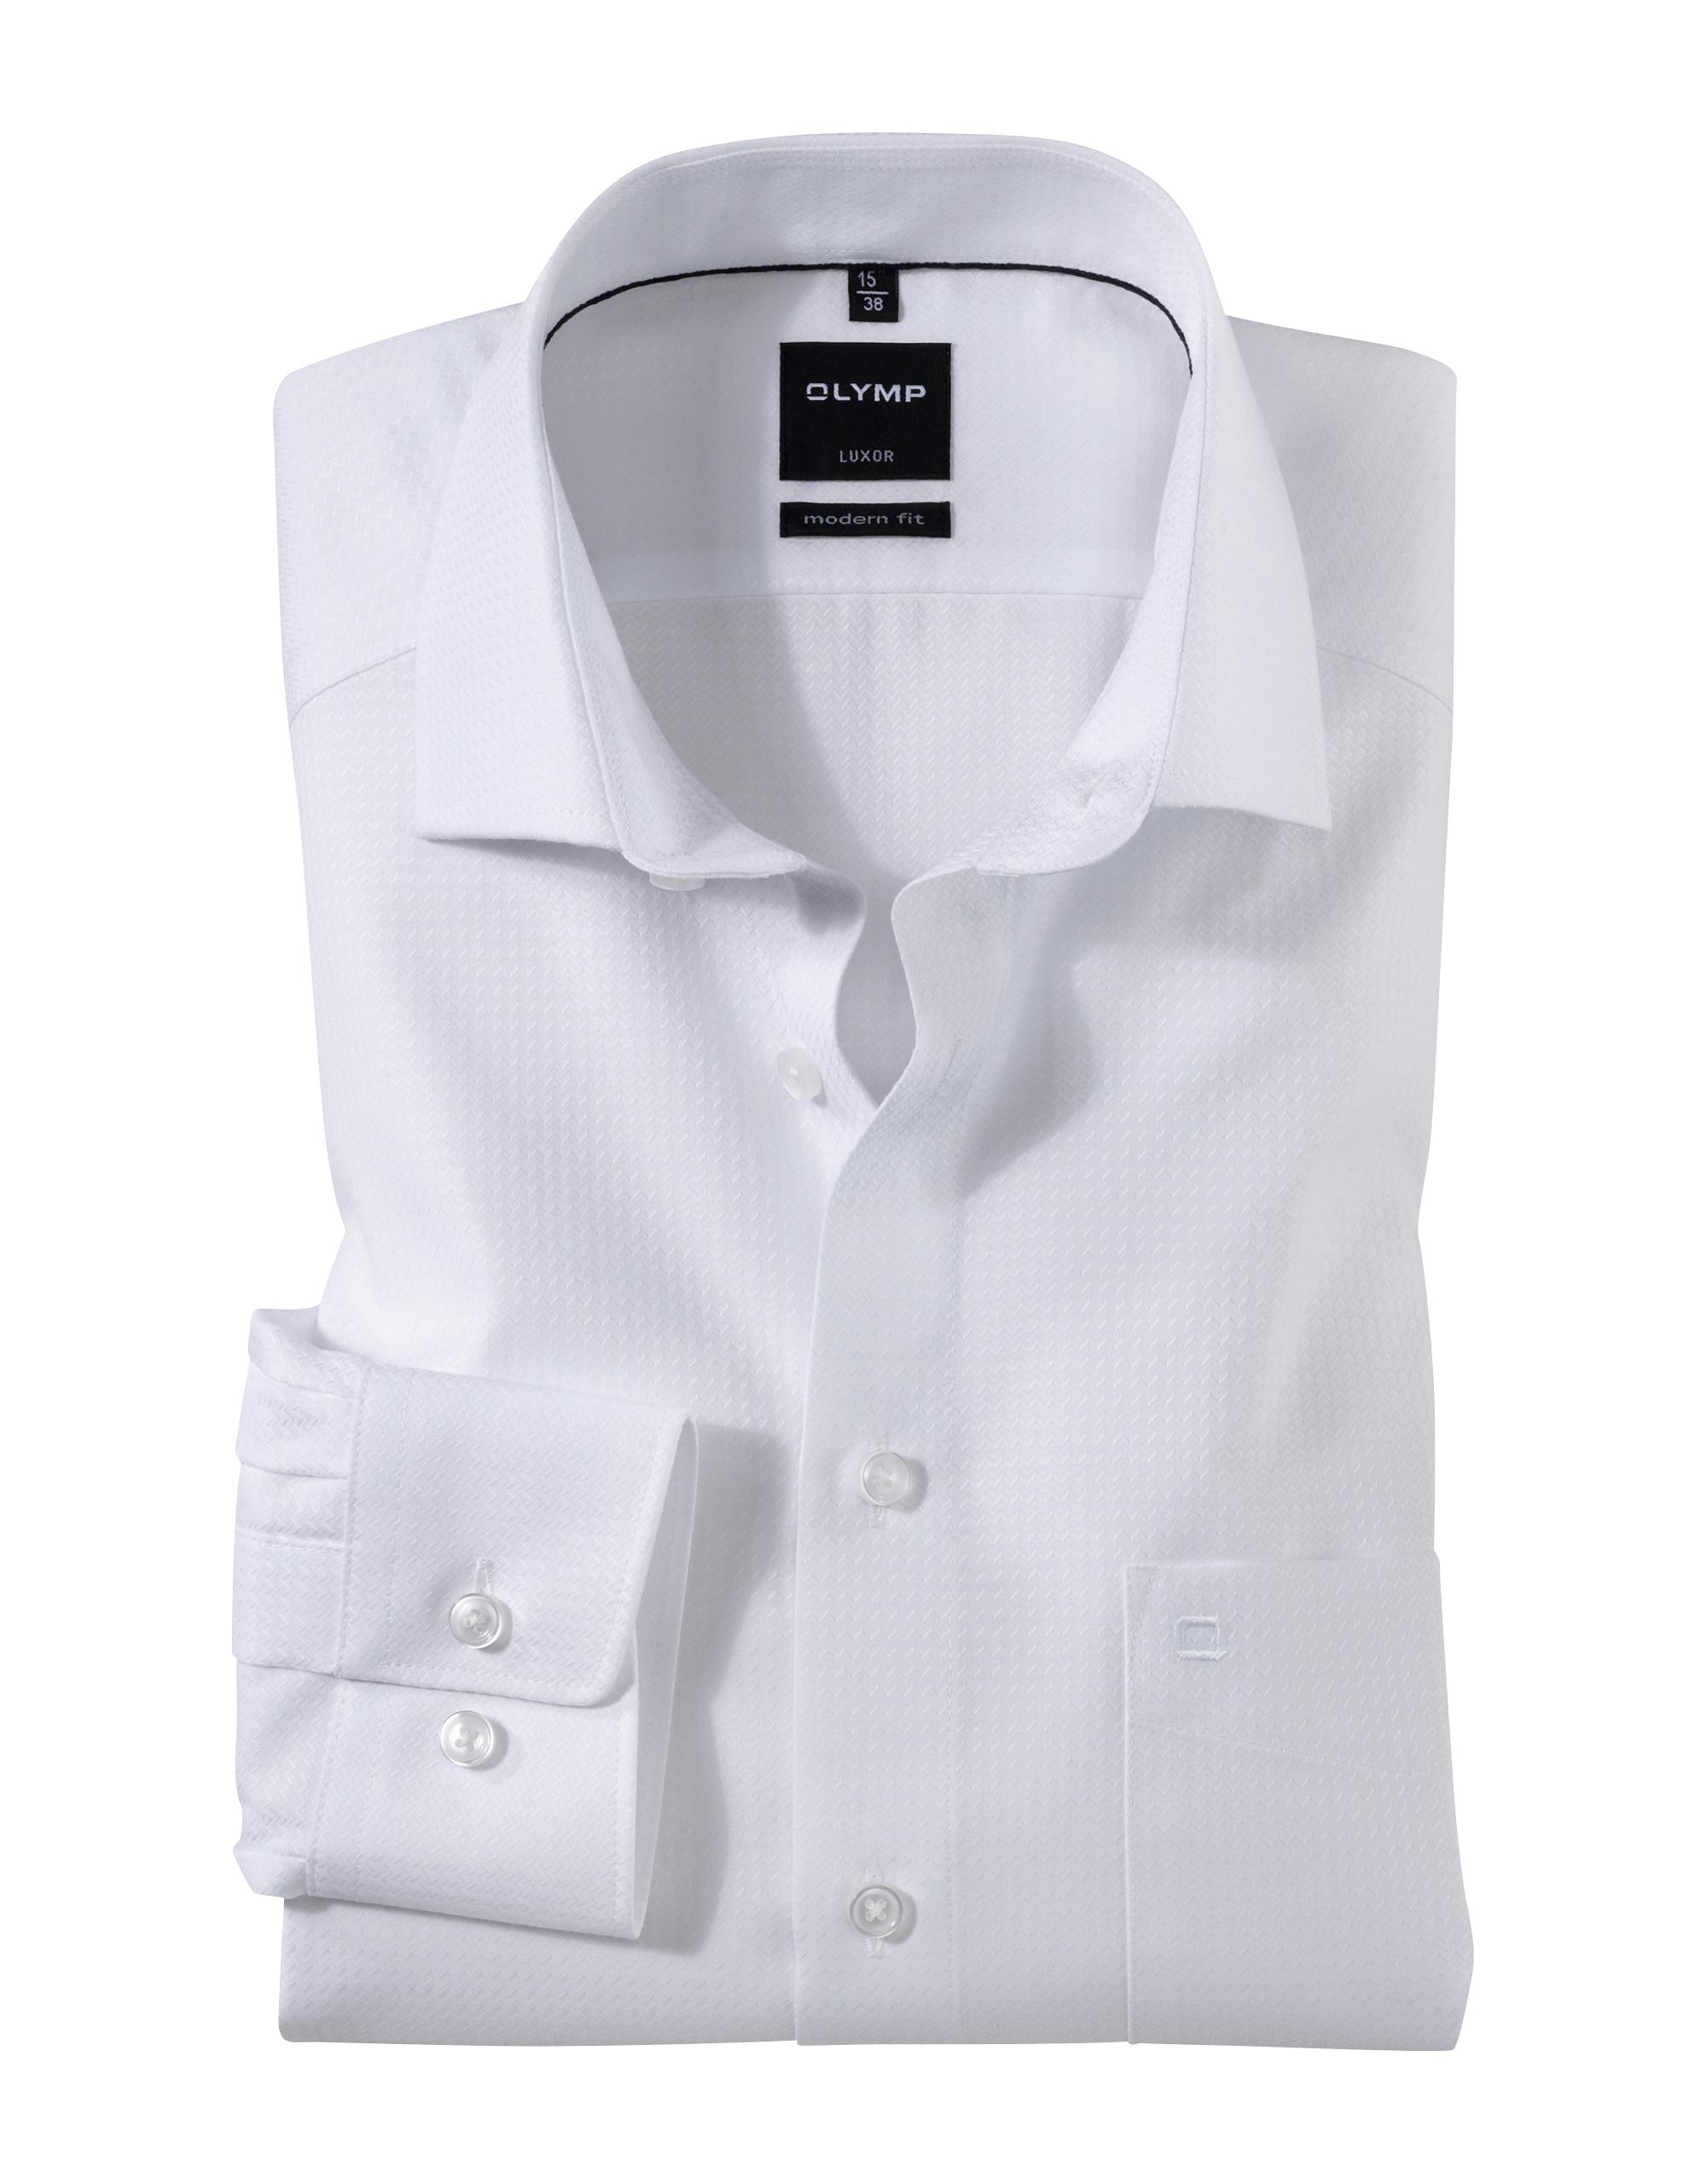 OLYMP Luxor Hemd, modern fit, Extra langer Arm, Weiß, 39 | Bekleidung > Hemden | Weiß | 100% baumwolle | OLYMP Luxor